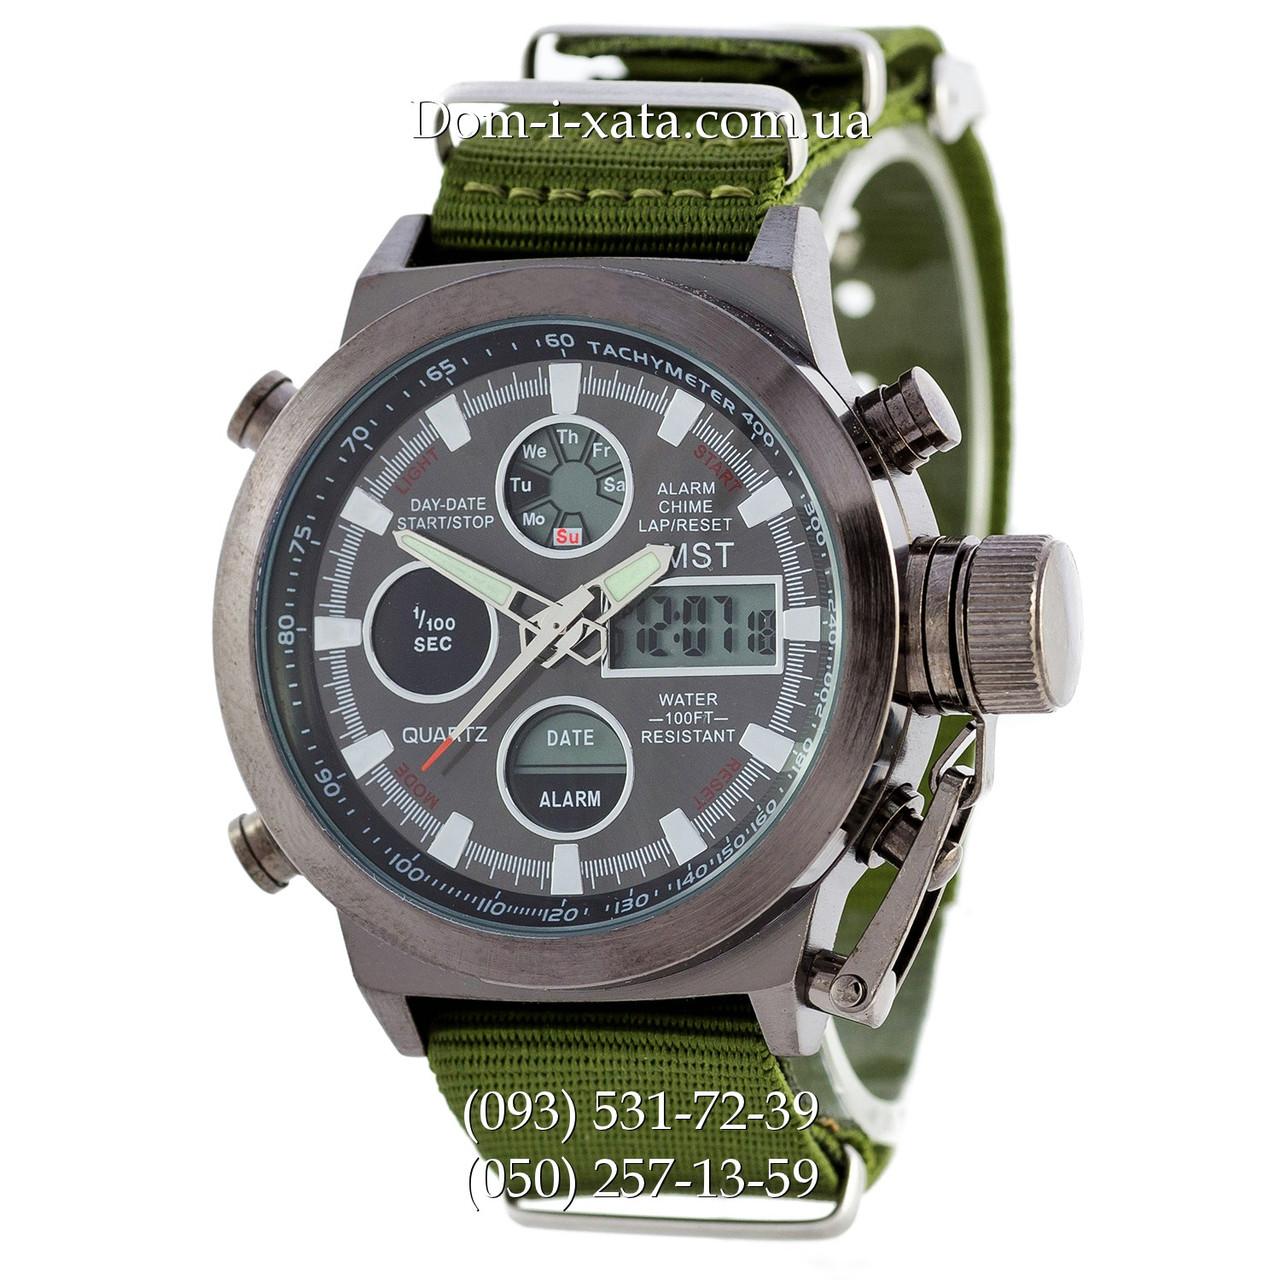 Армейские часы AMST 3003 Black-Green, кварцевые, противоударные, армейские часы АМСТ черный-зеленый, реплика, отличное качество!